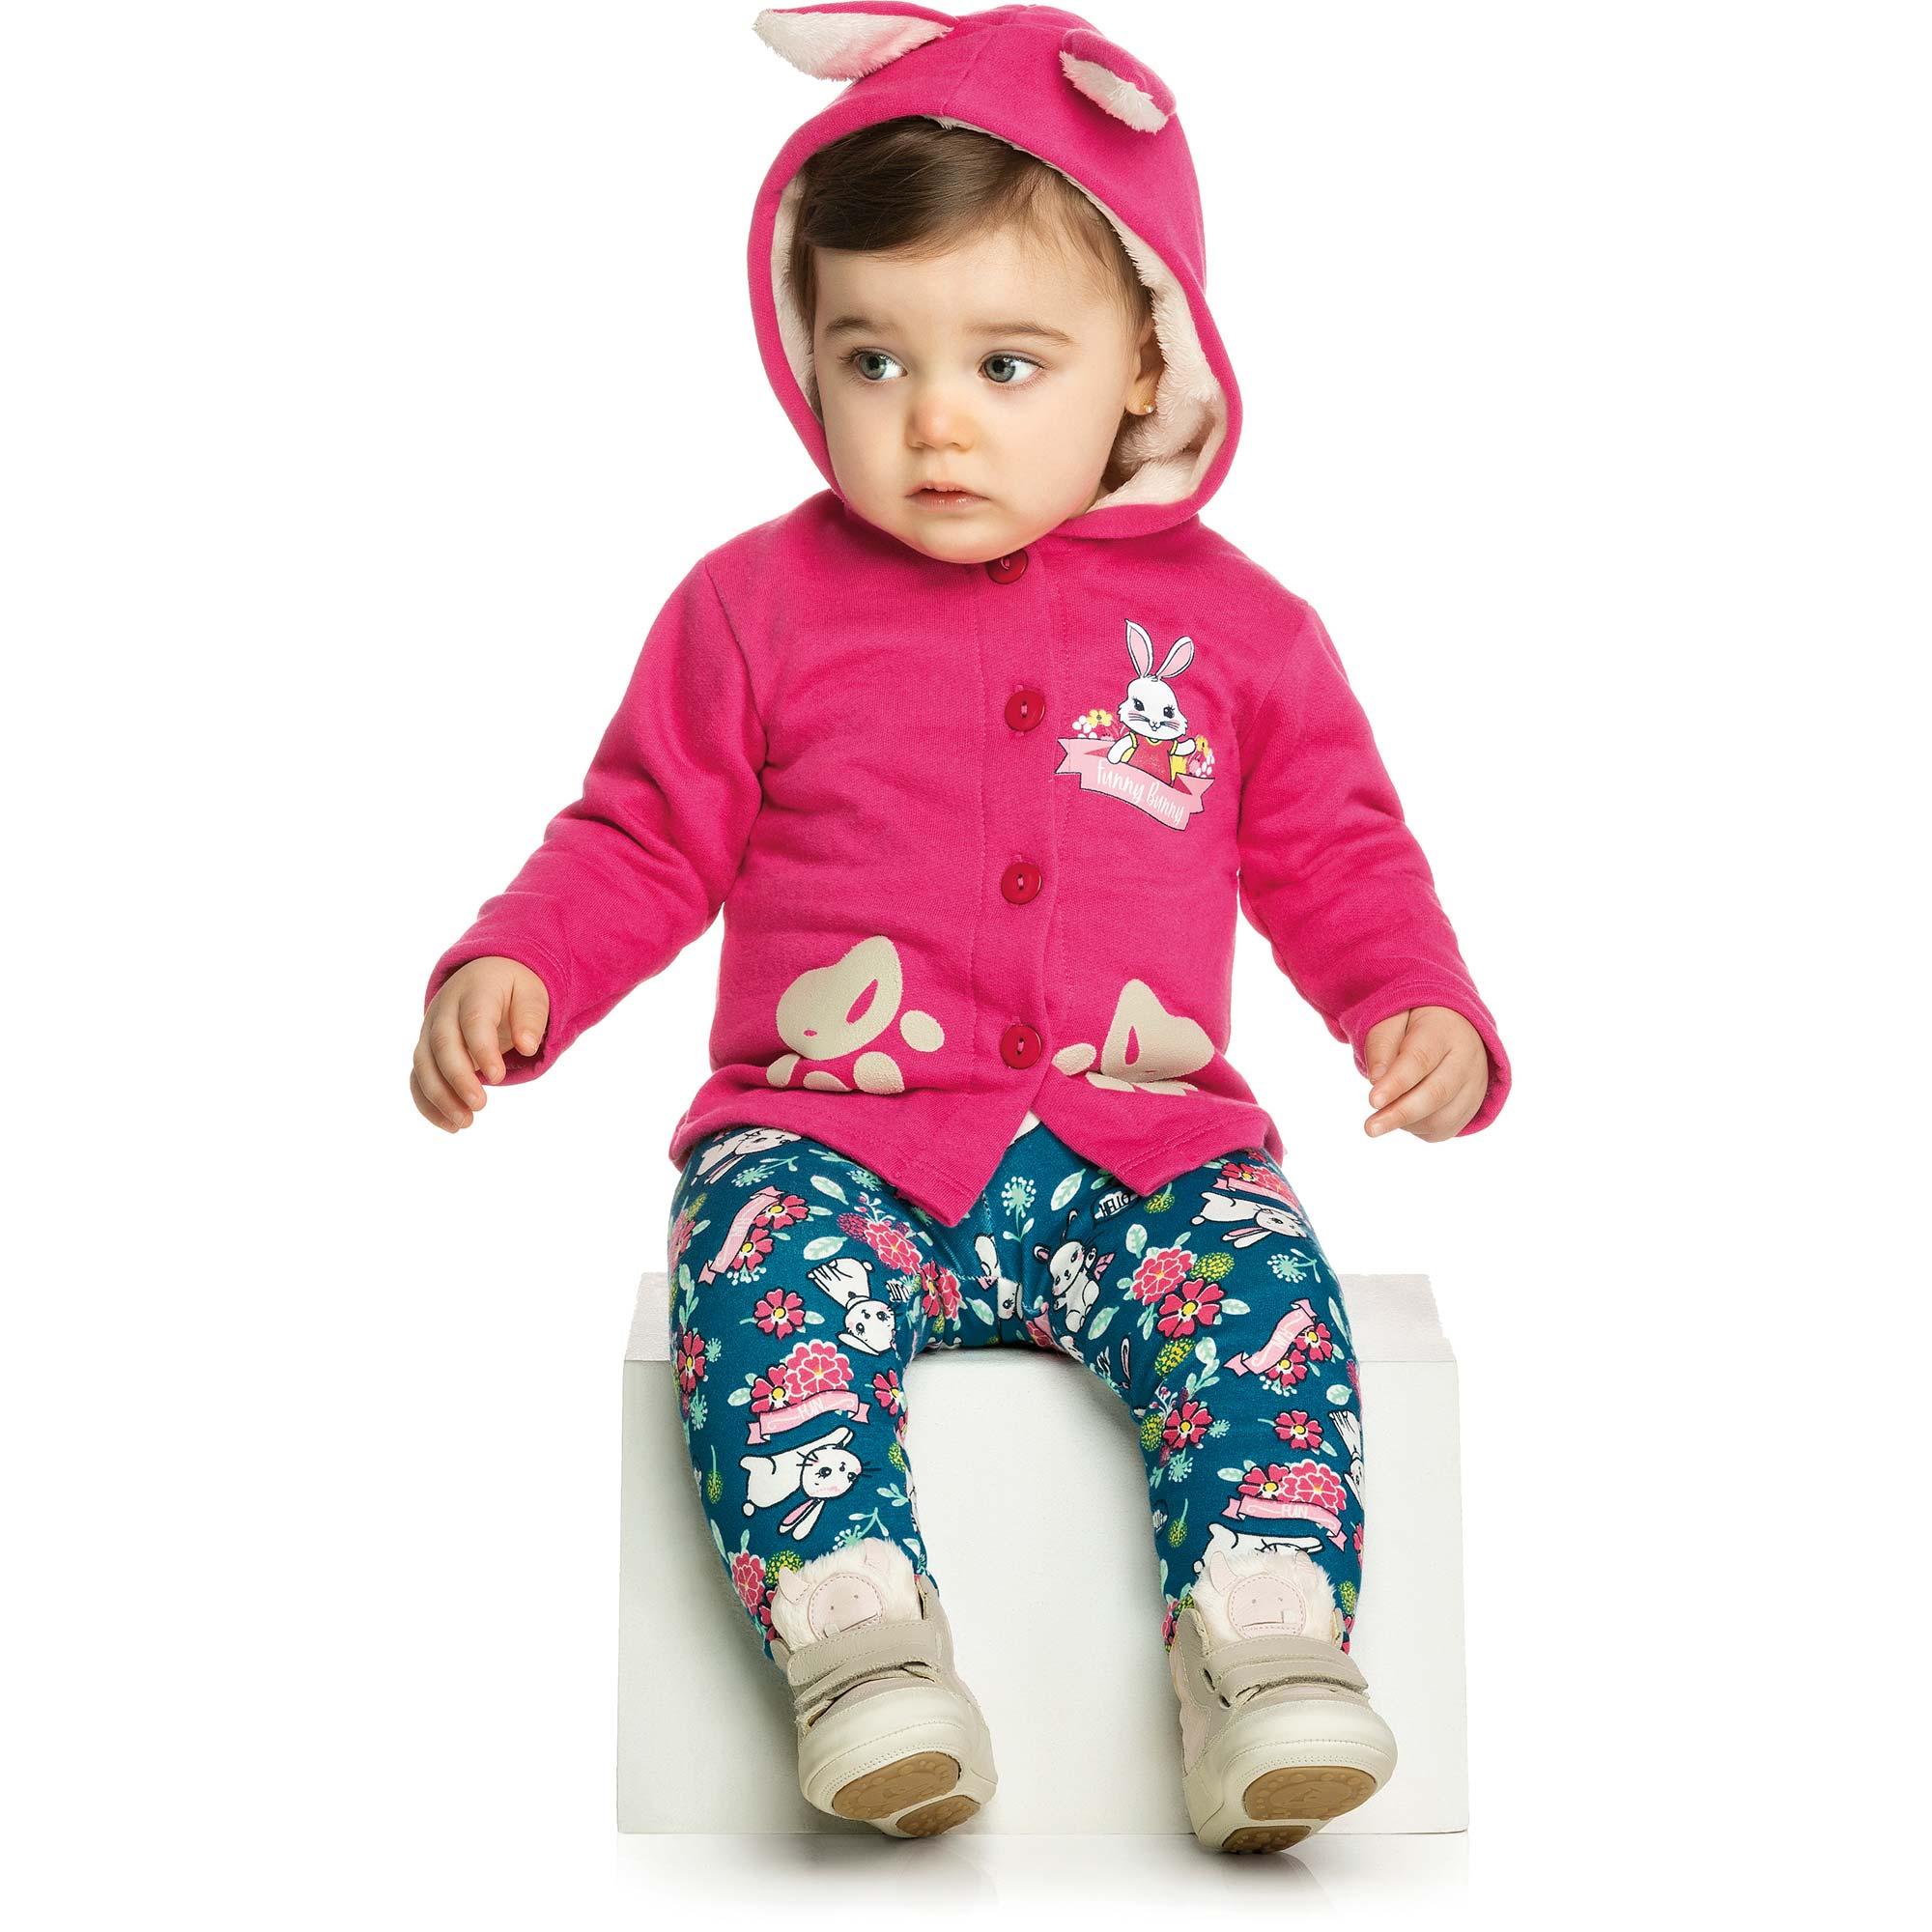 Conjunto Infantil Elian com Casaco e Legging - Ref 21863 - Pink